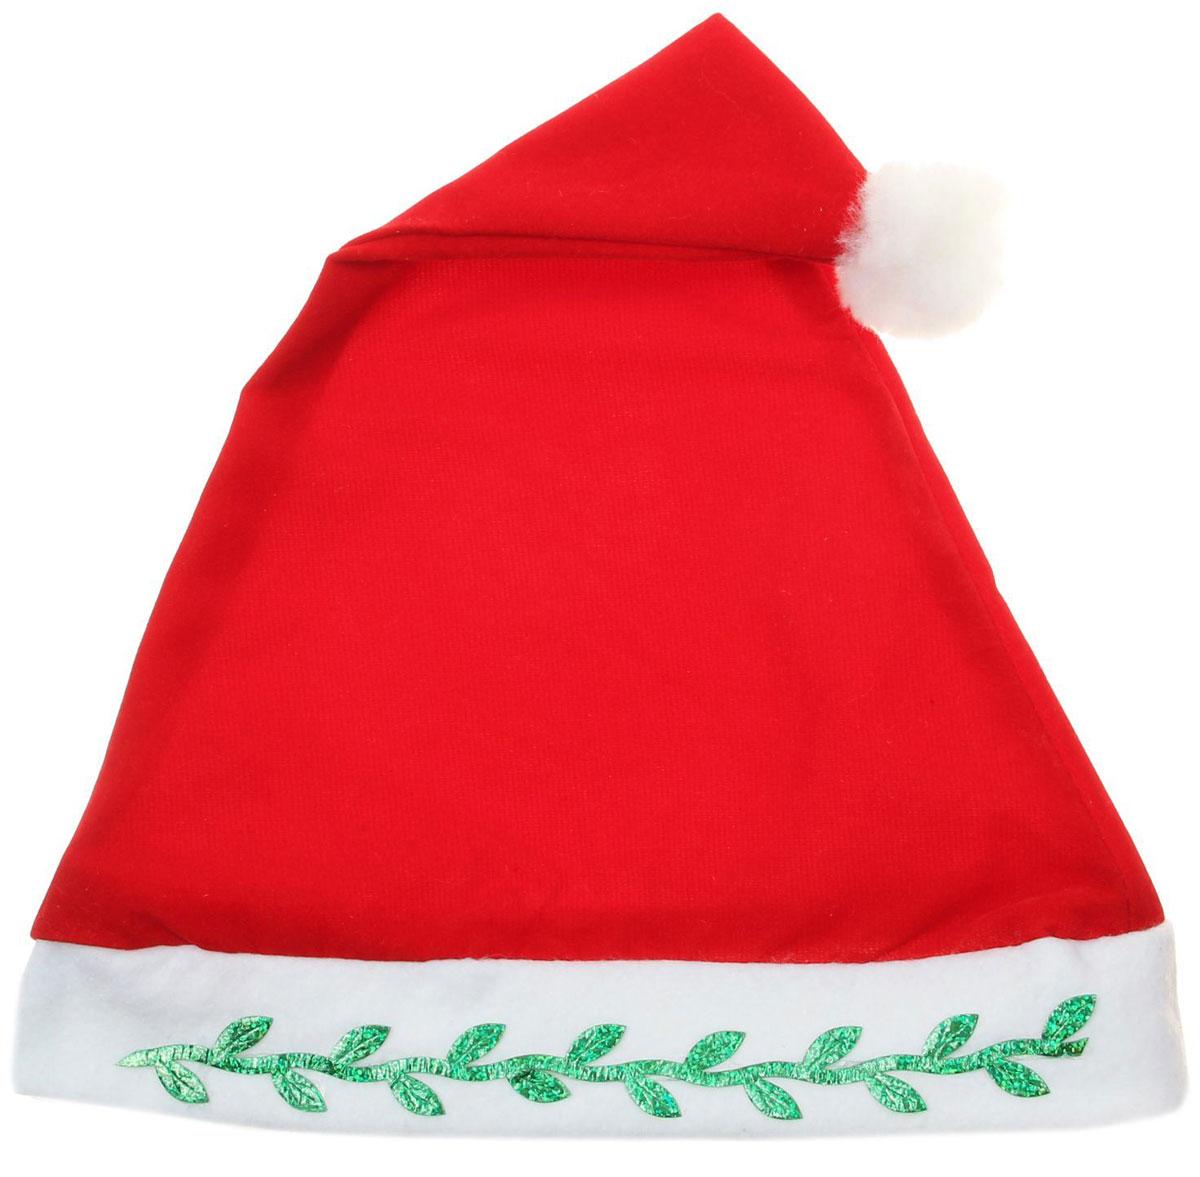 Колпак новогодний Классический с веточкой, 28 х 40 см. 13906461390646Поддайтесь новогоднему веселью на полную катушку! Забавный колпак в секунду создаст праздничное настроение, будь то поздравление ребятишек или вечеринка с друзьями. Размер изделия универсальный: аксессуар подойдет как для ребенка, так и для взрослого. А мягкий текстиль позволит носить колпак с комфортом на протяжении всей новогодней ночи.